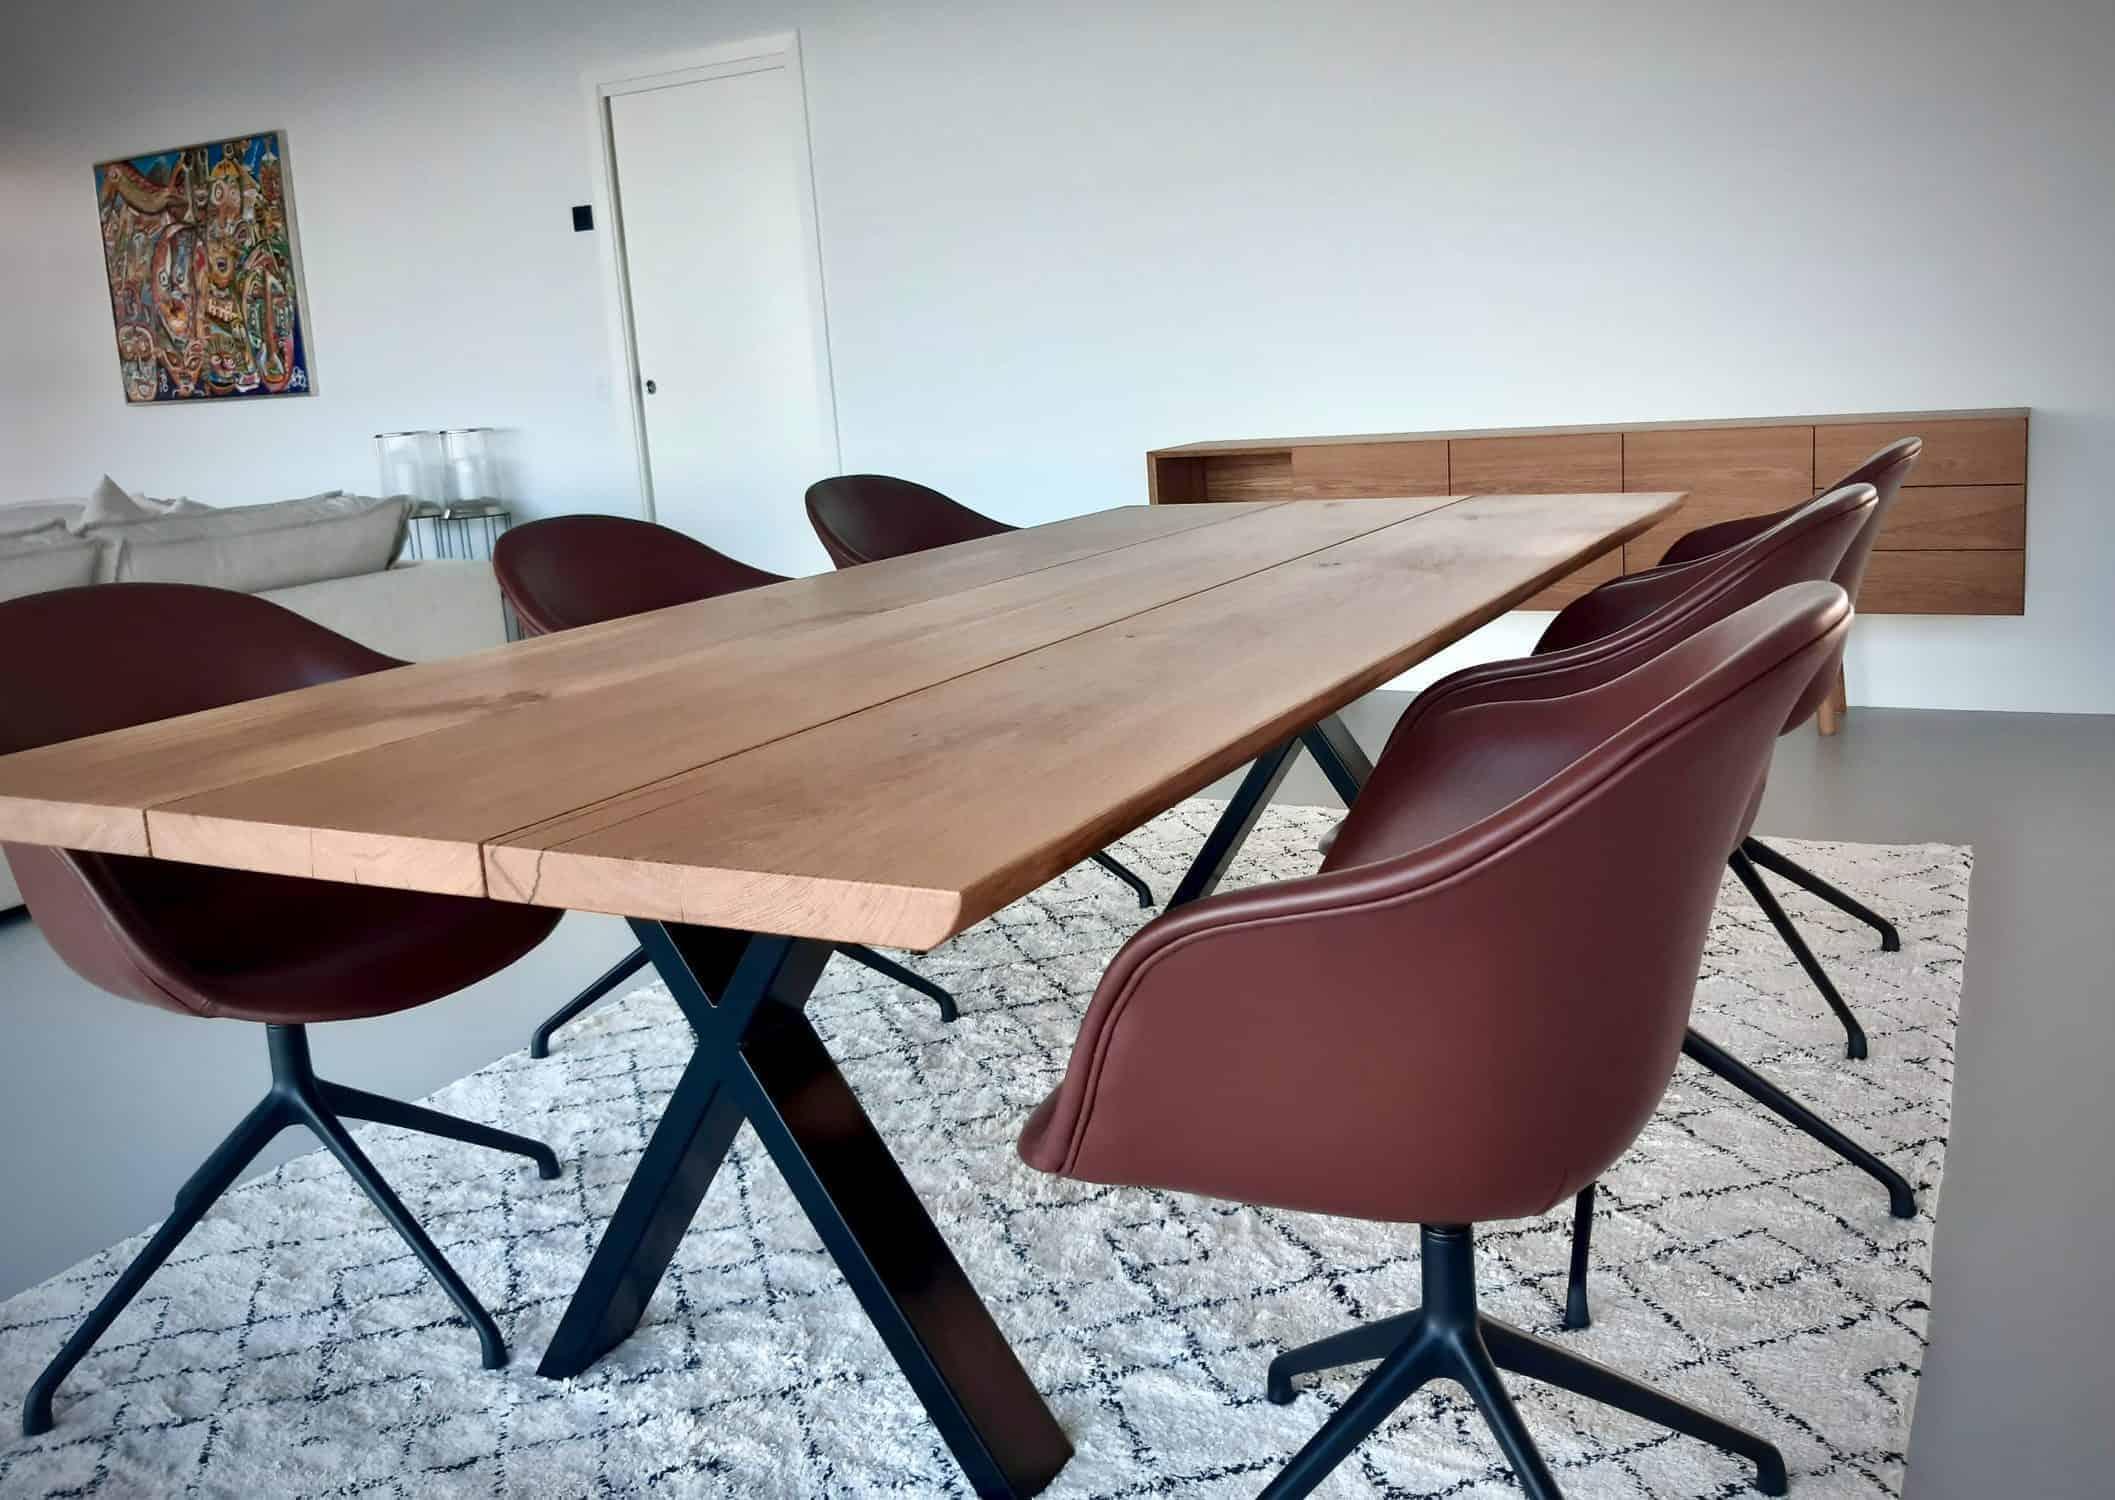 plankebord planke bord i trae Kaerbygård september 2020 14 scaled